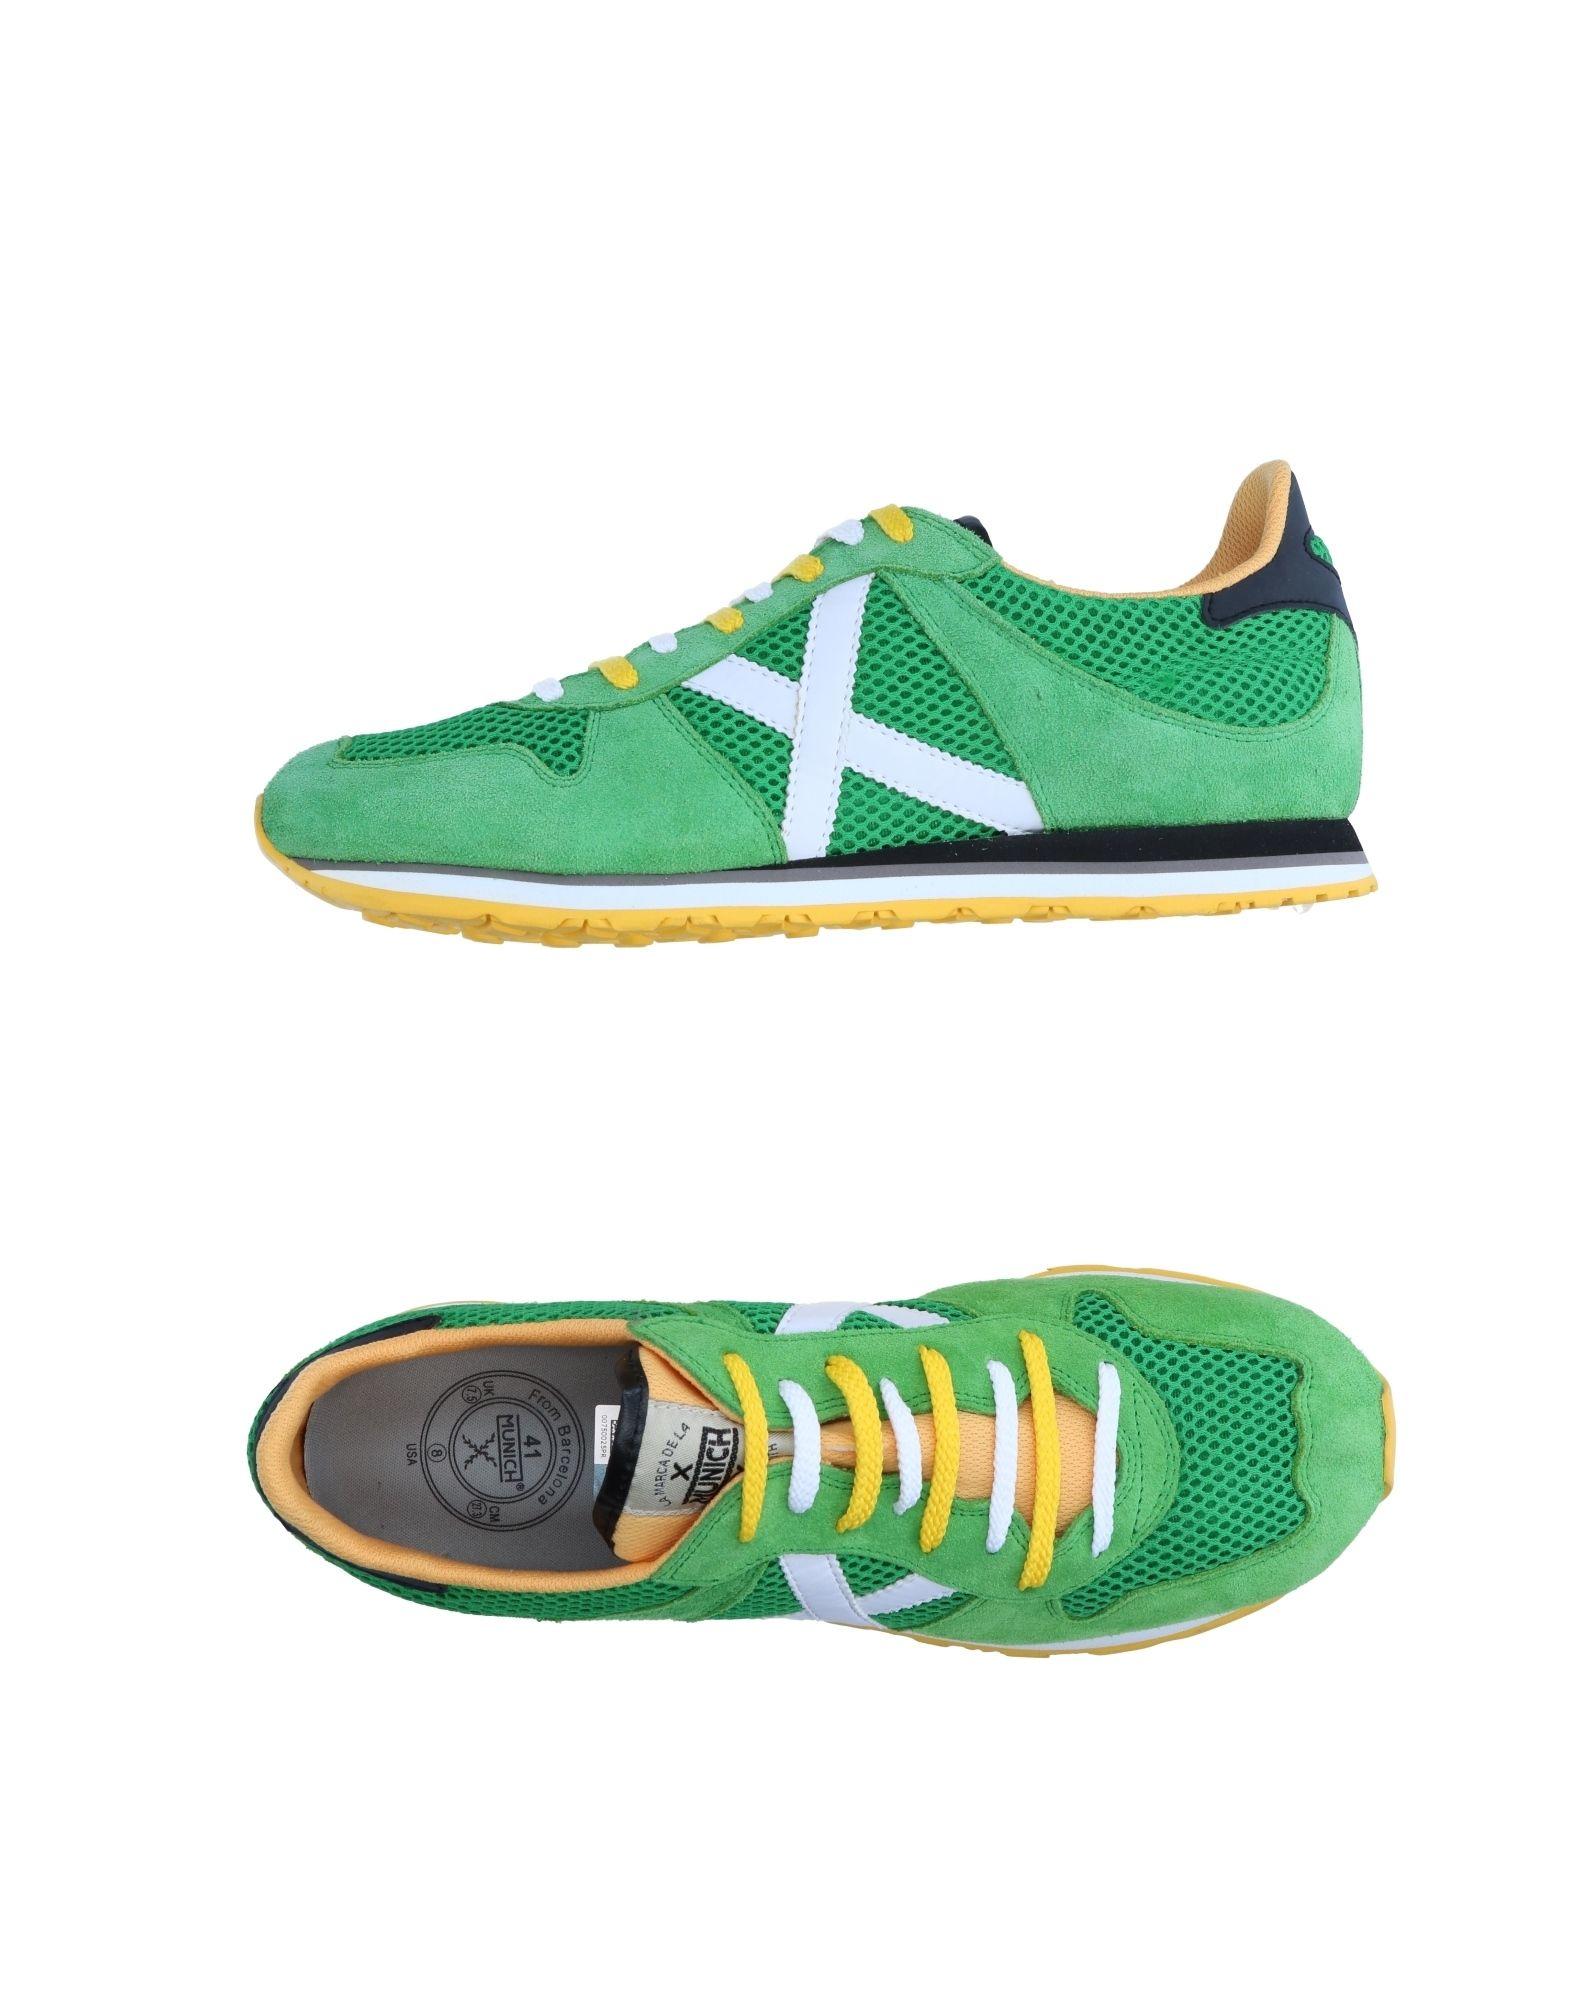 Moda Sneakers Munich Uomo - 11280611PP 11280611PP - 834c3e